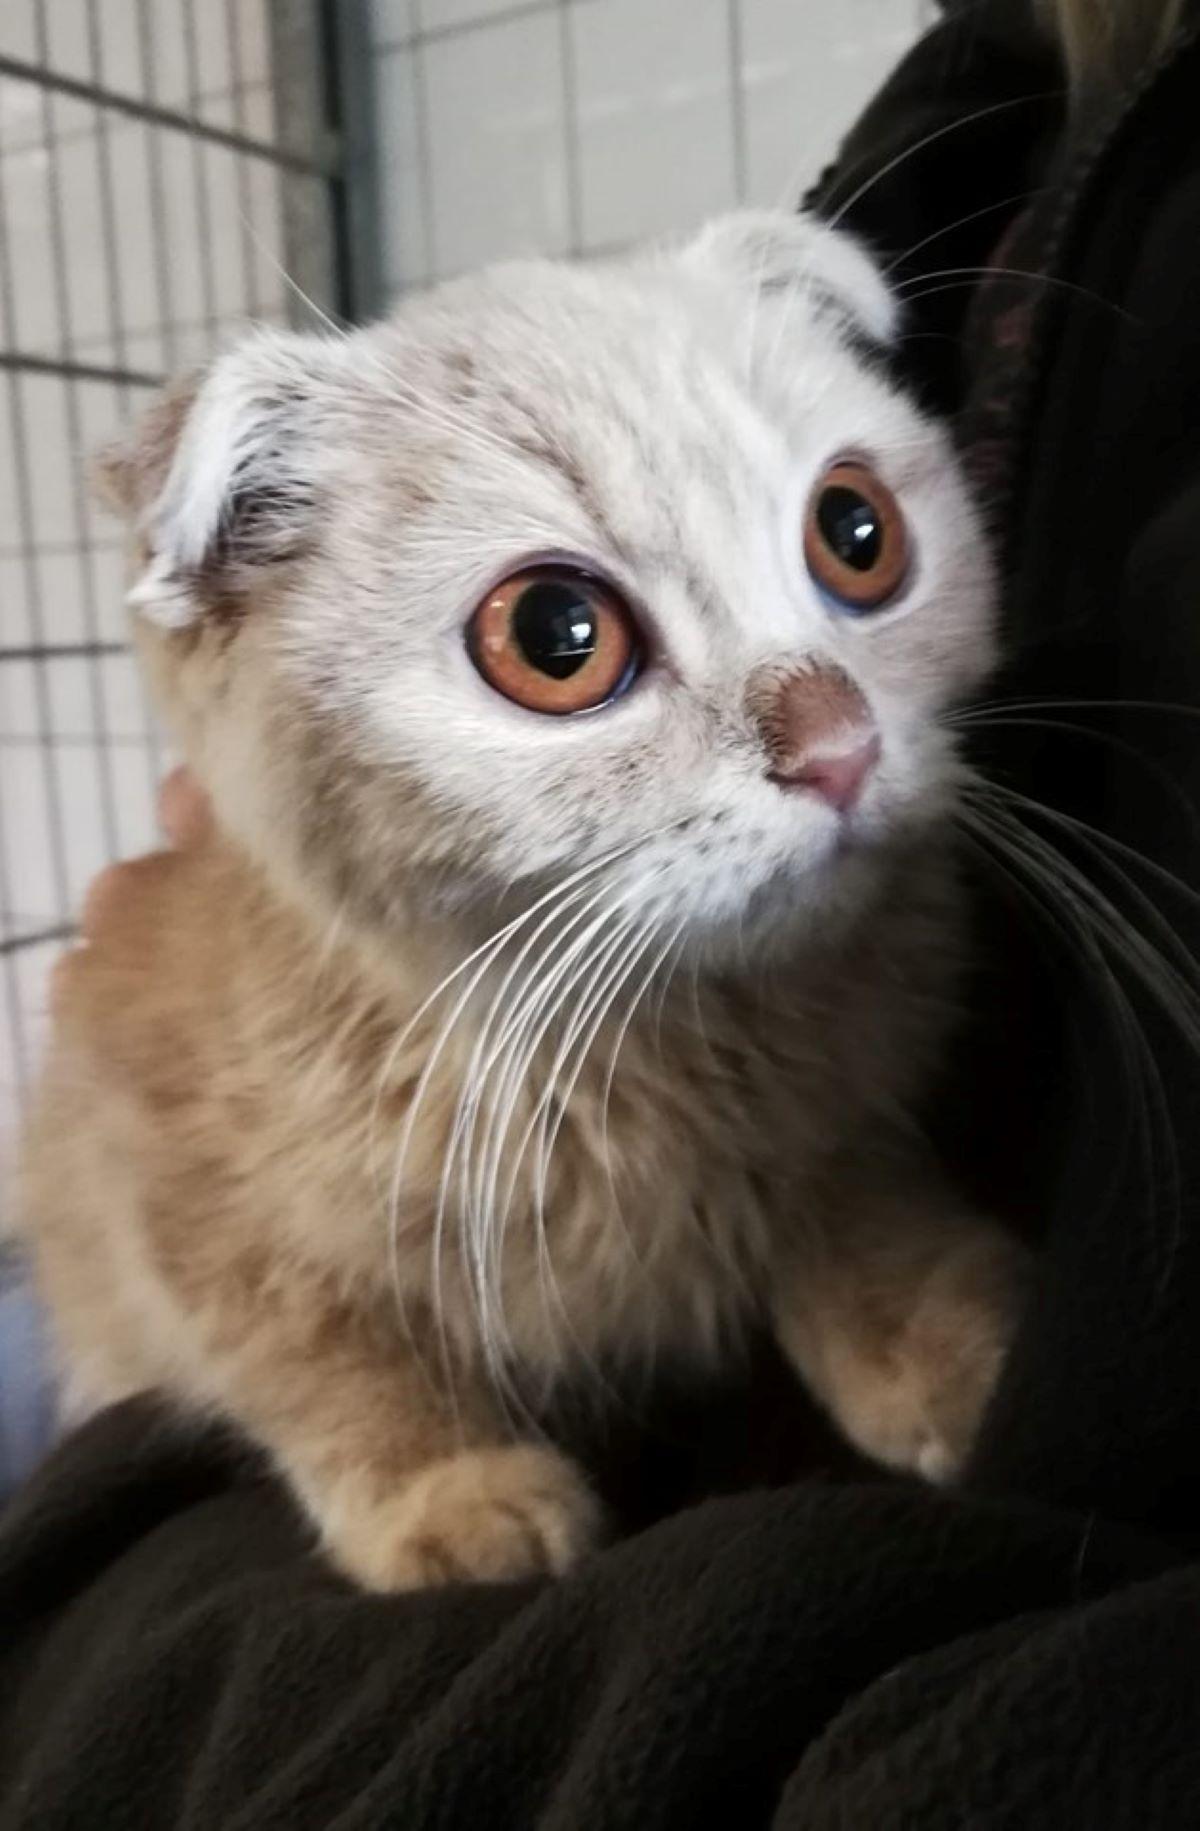 gatto-con-sguardo-sveglio